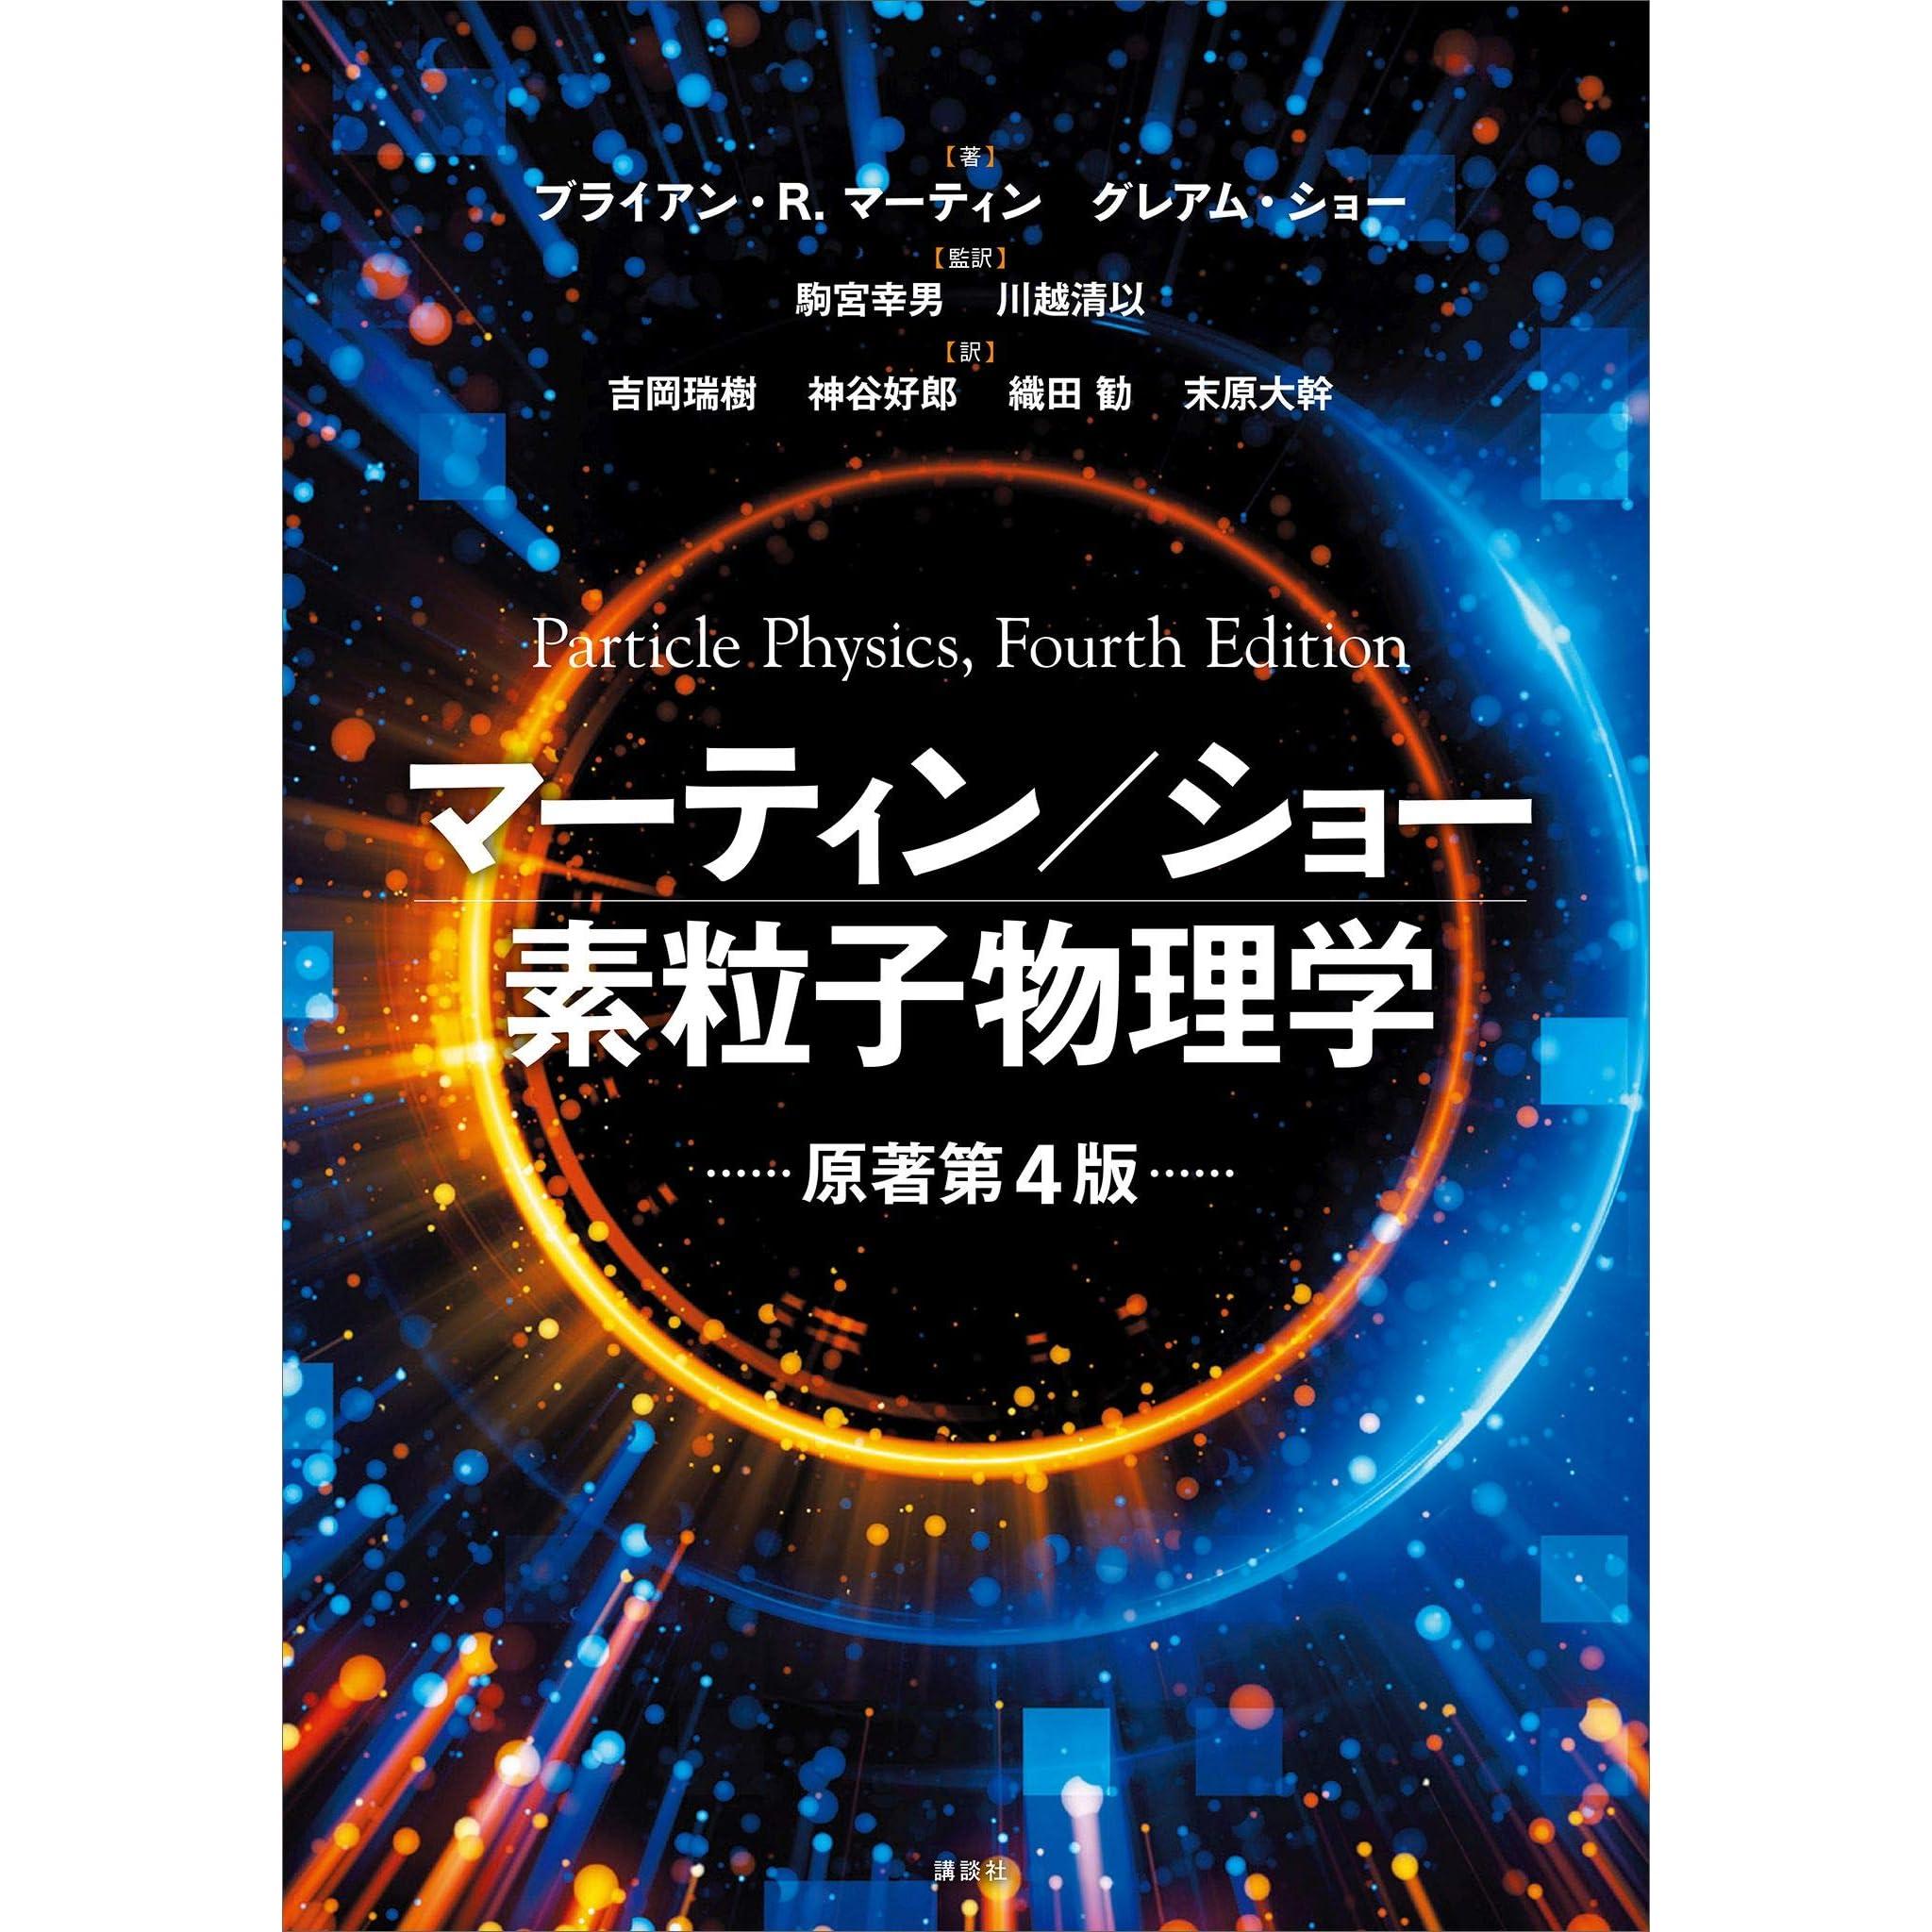 素 粒子 物理 学